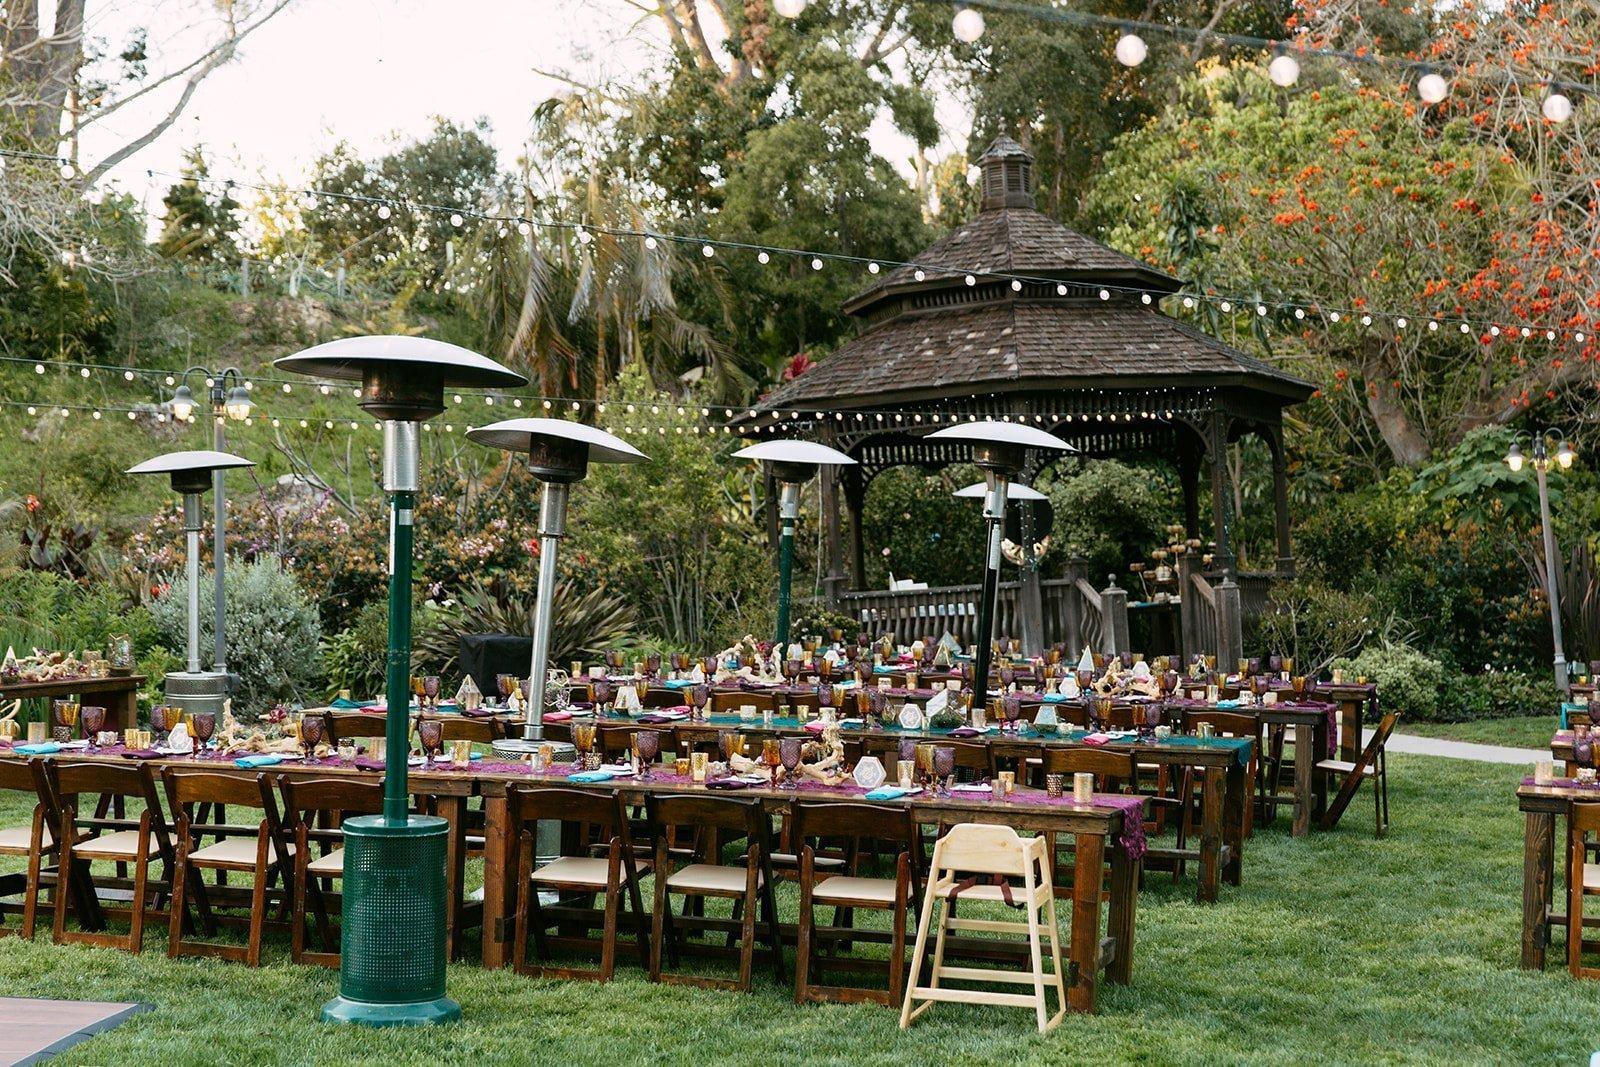 san-diego-botanic-gardens-event-rentals (2)